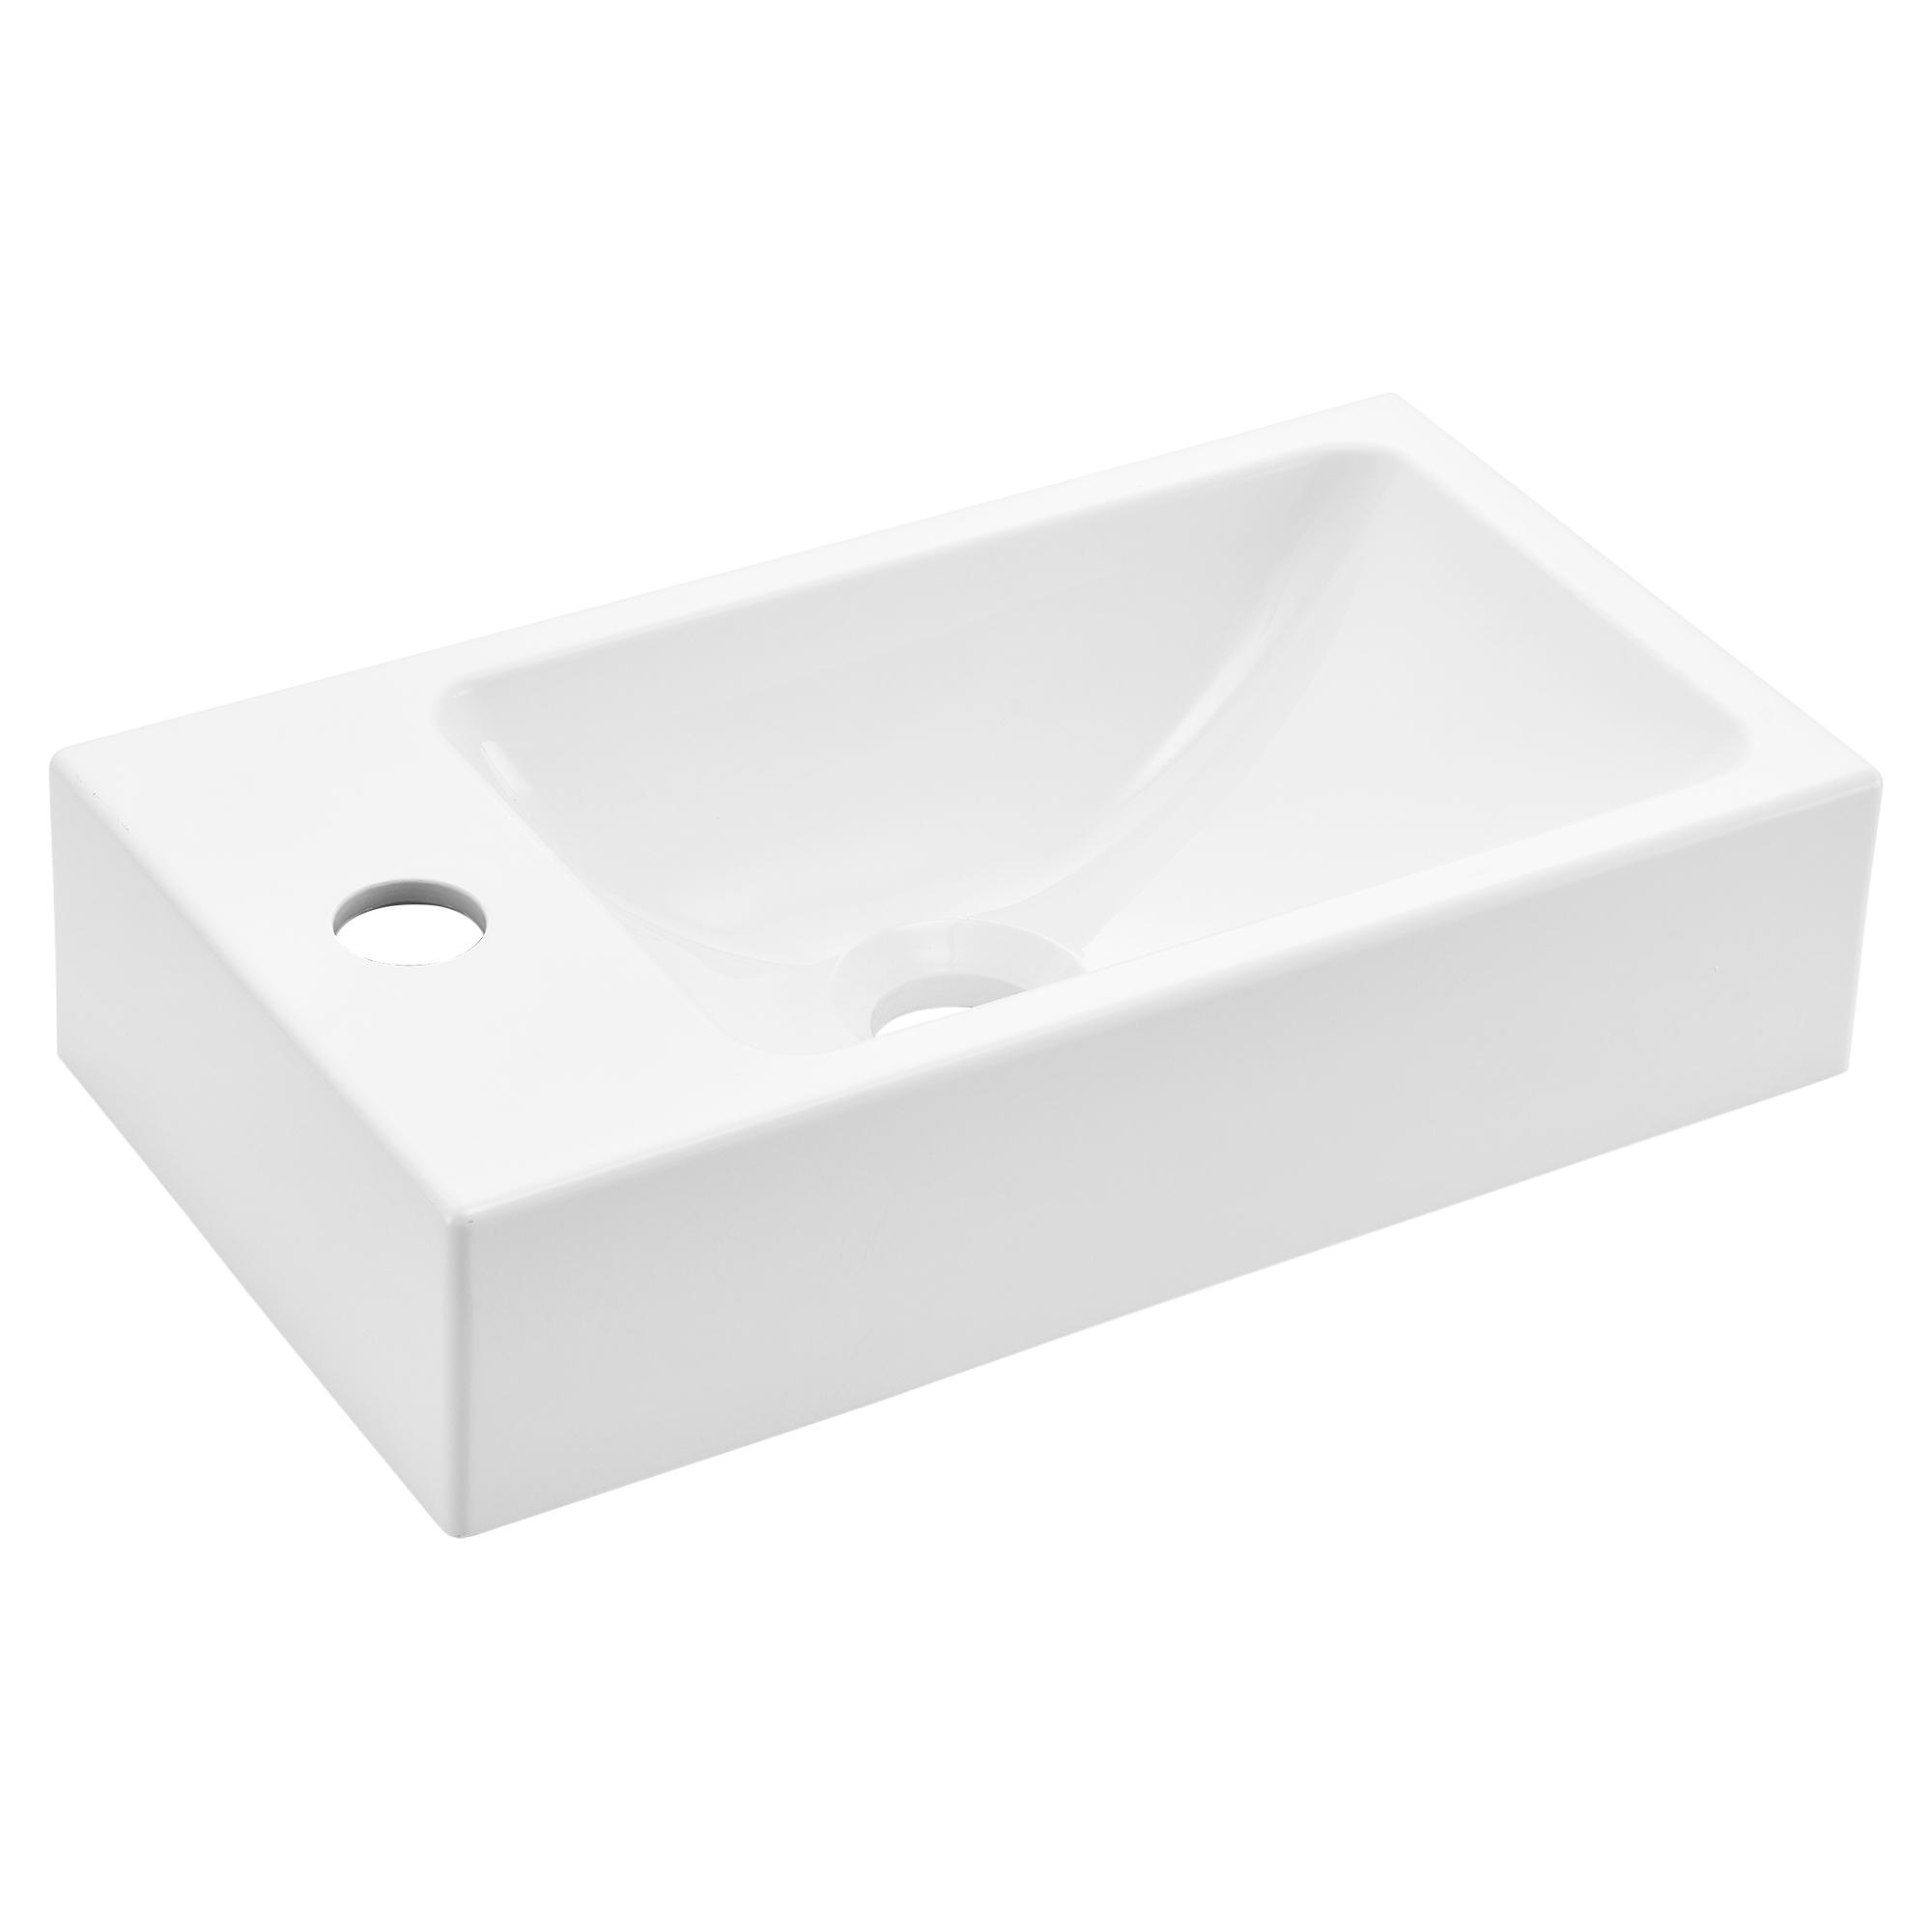 waschbecken wei schwarz aufsatzwaschbecken handwaschbecken g ste wc ebay. Black Bedroom Furniture Sets. Home Design Ideas